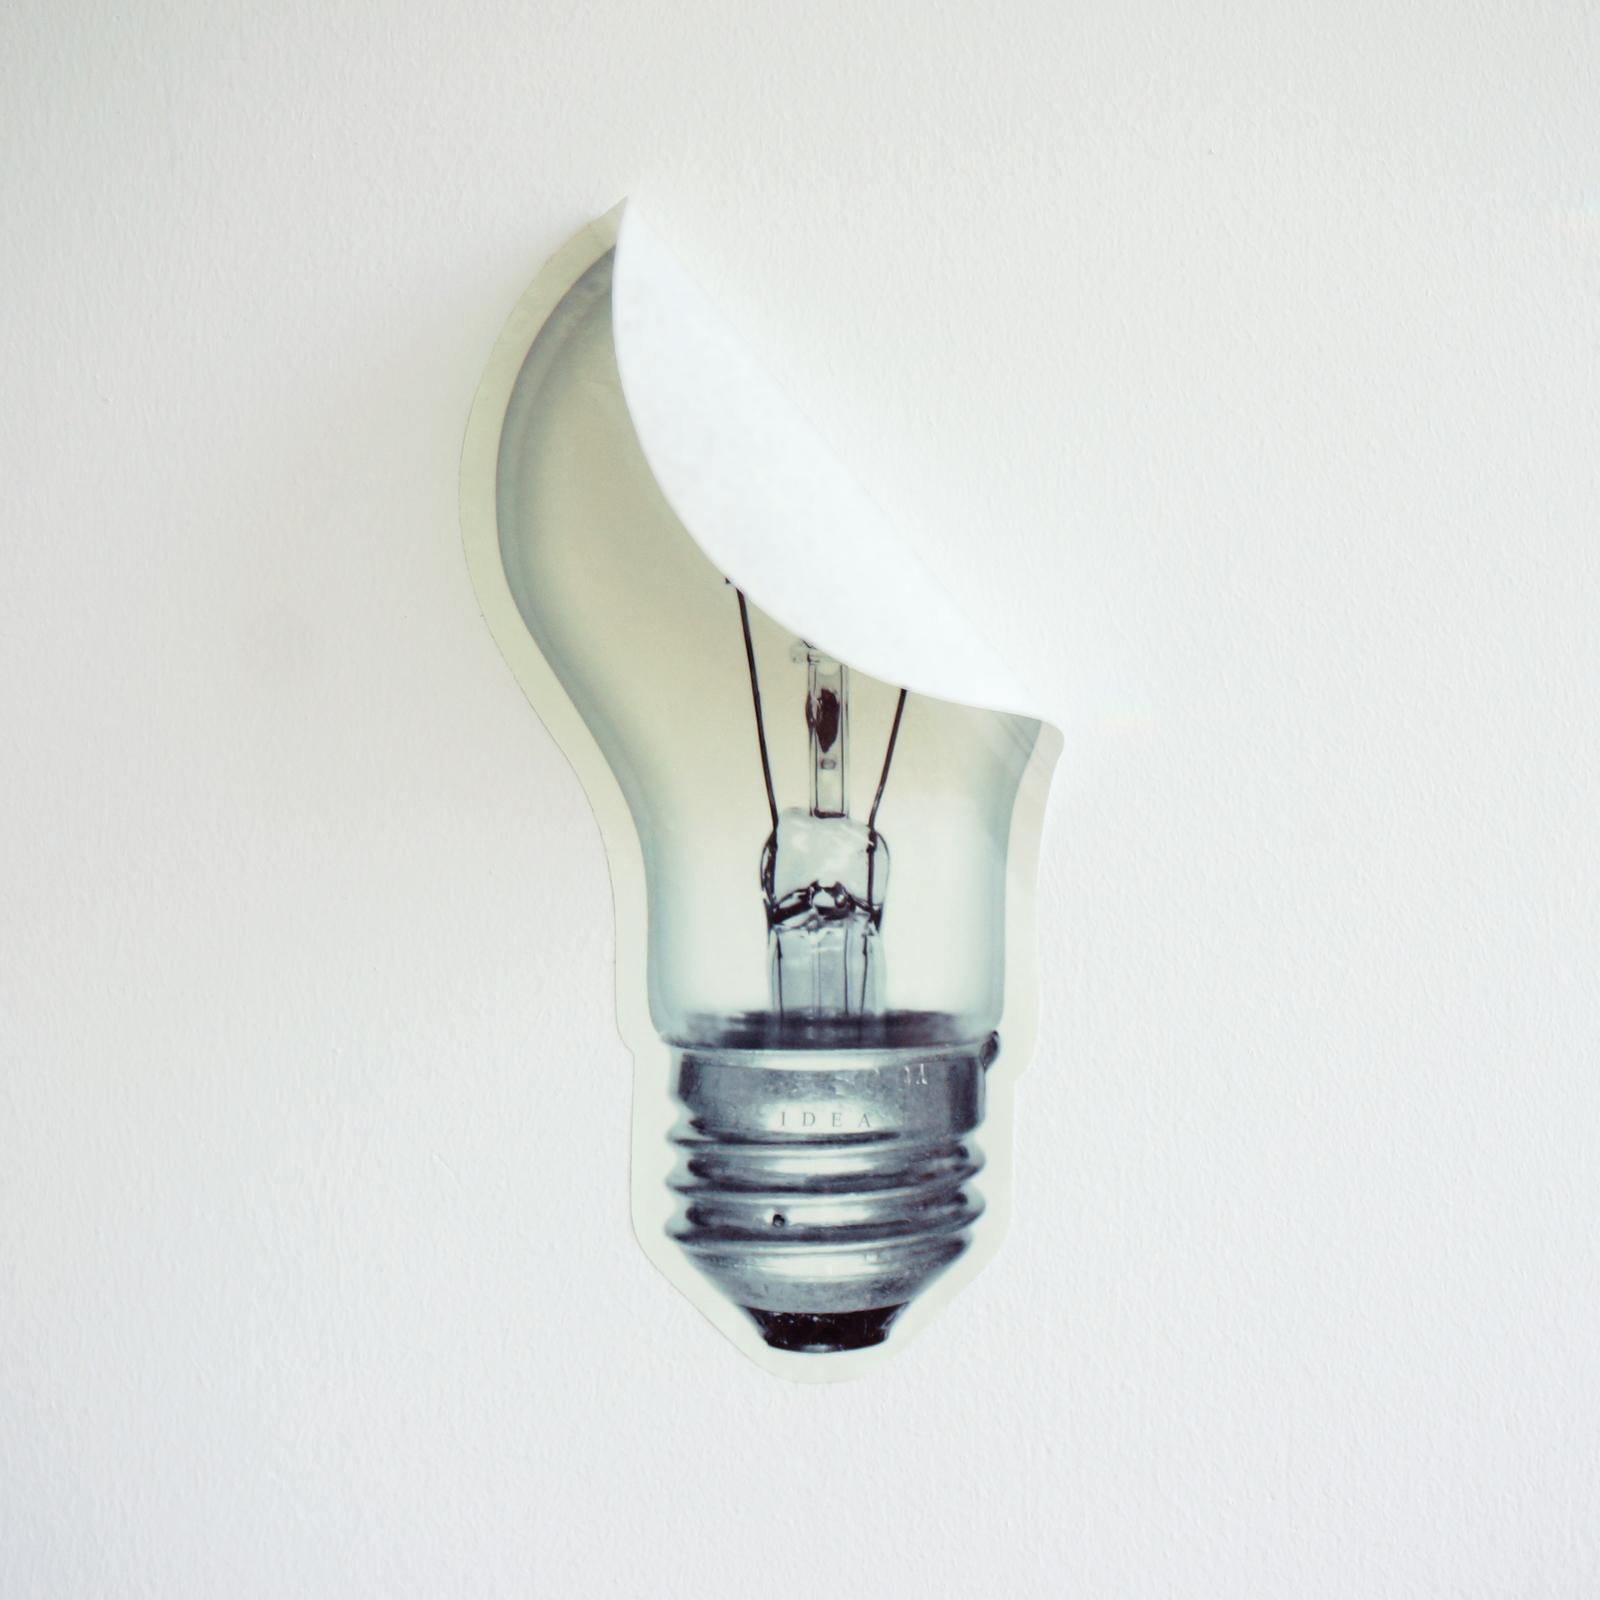 brilliant idea sticker s size glow in the dark light bulb sticker. Black Bedroom Furniture Sets. Home Design Ideas